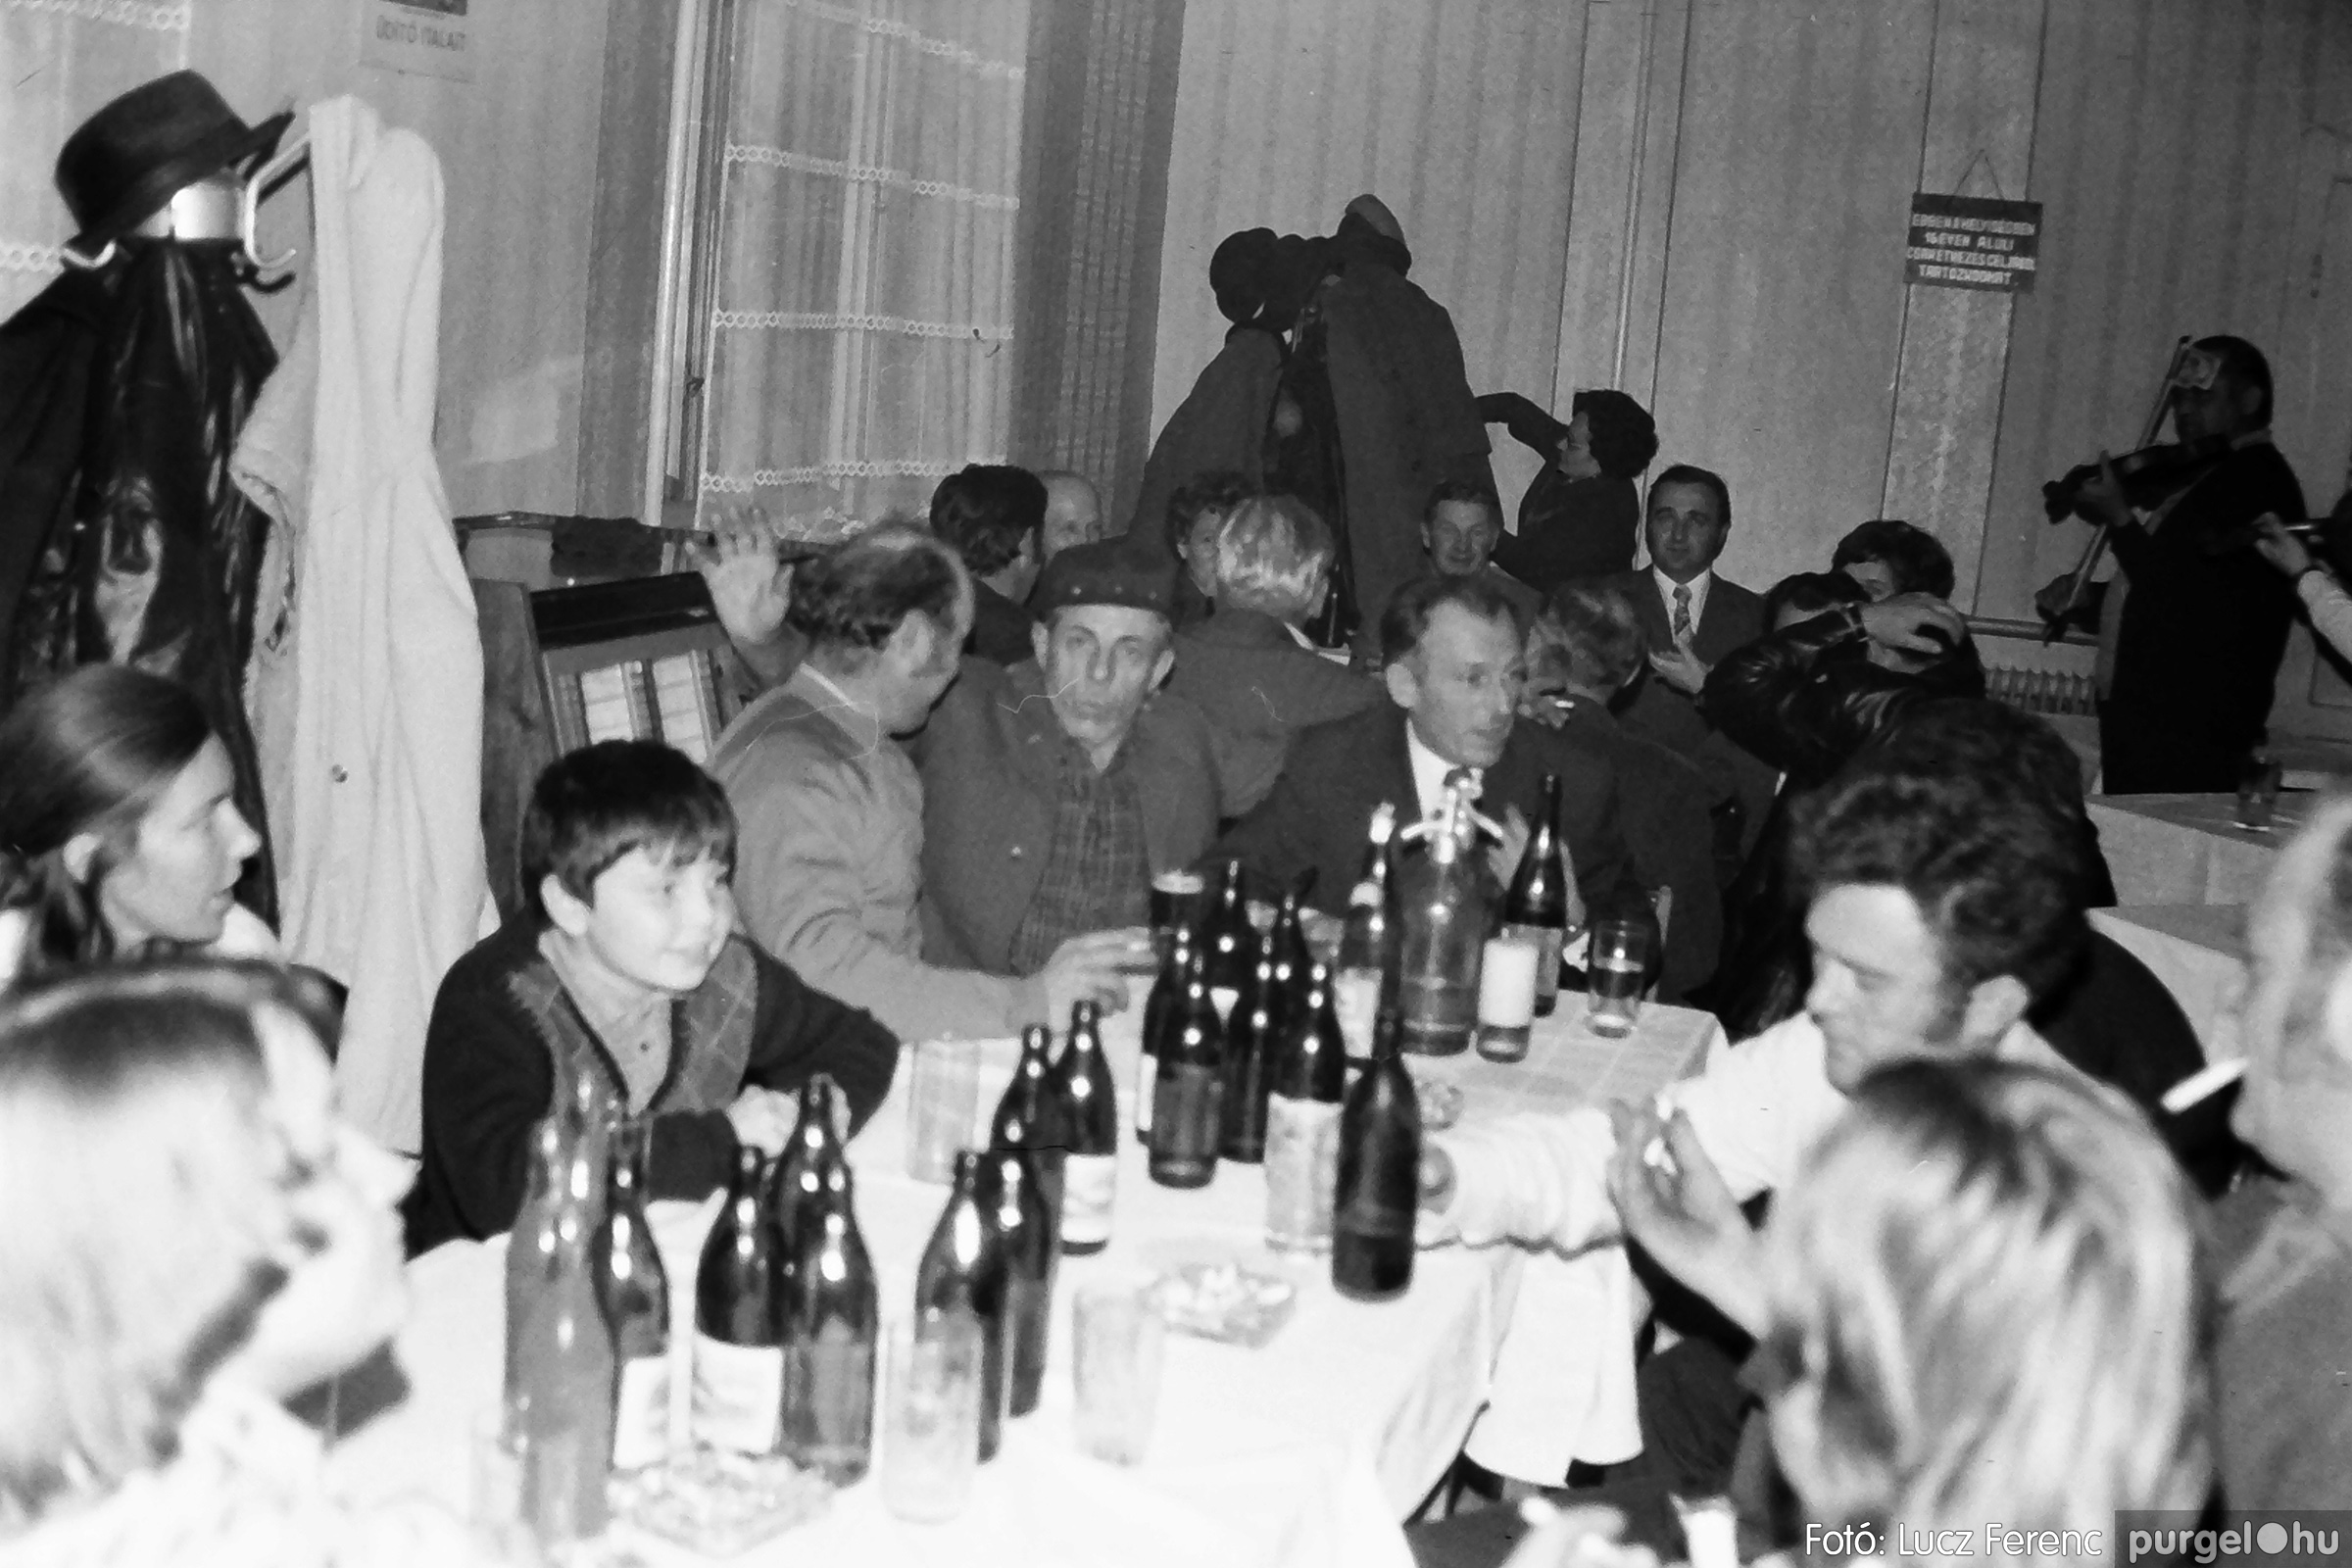 064-065. 1976. KTSZ-es dínomdánom a vendéglőben 036. - Fotó: Lucz Ferenc.jpg